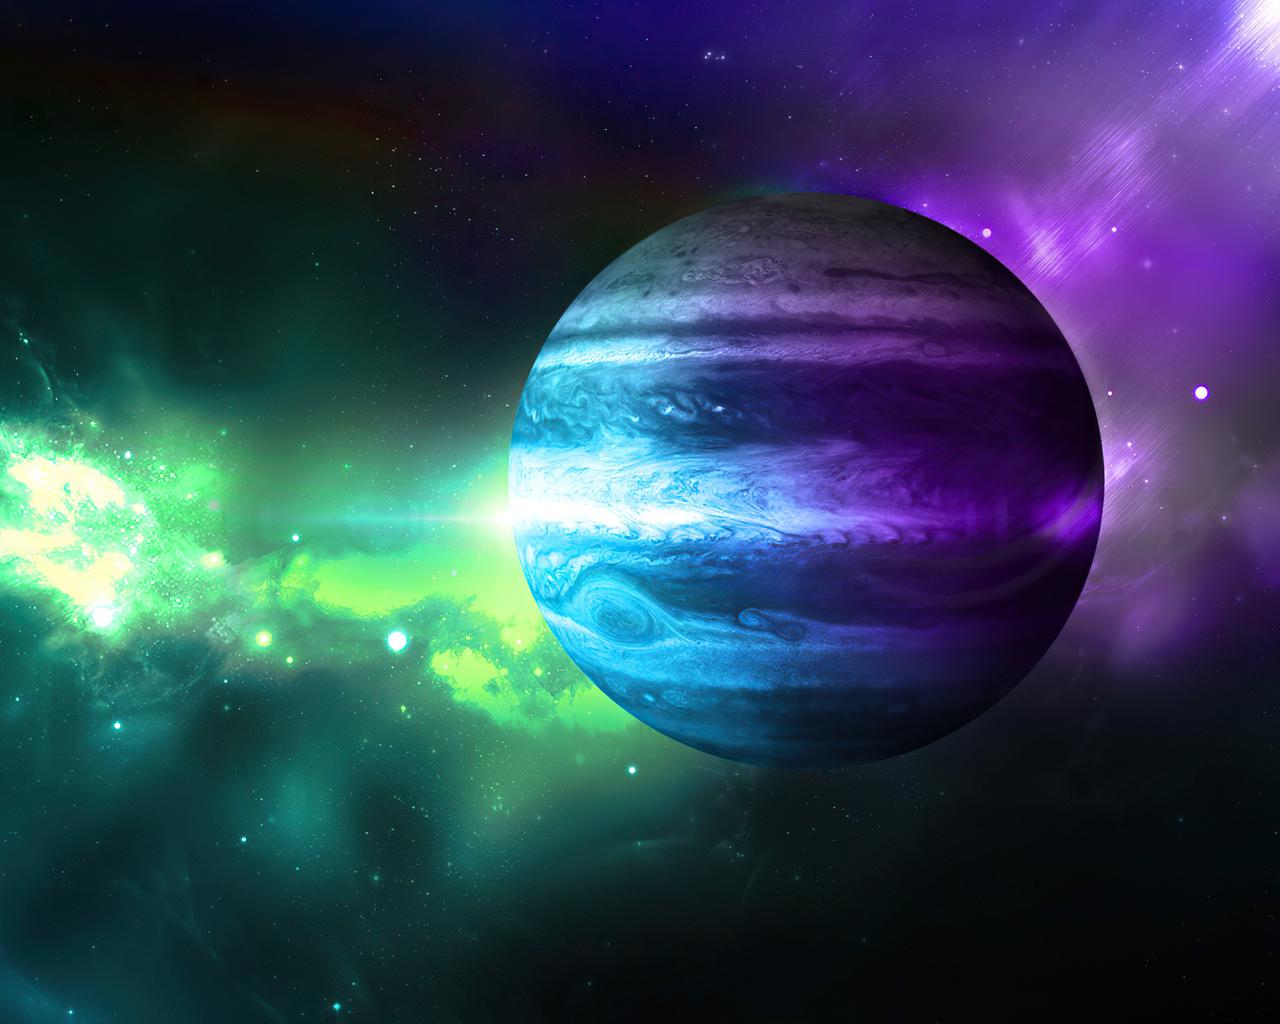 planets-galaxy-4k-sw.jpg